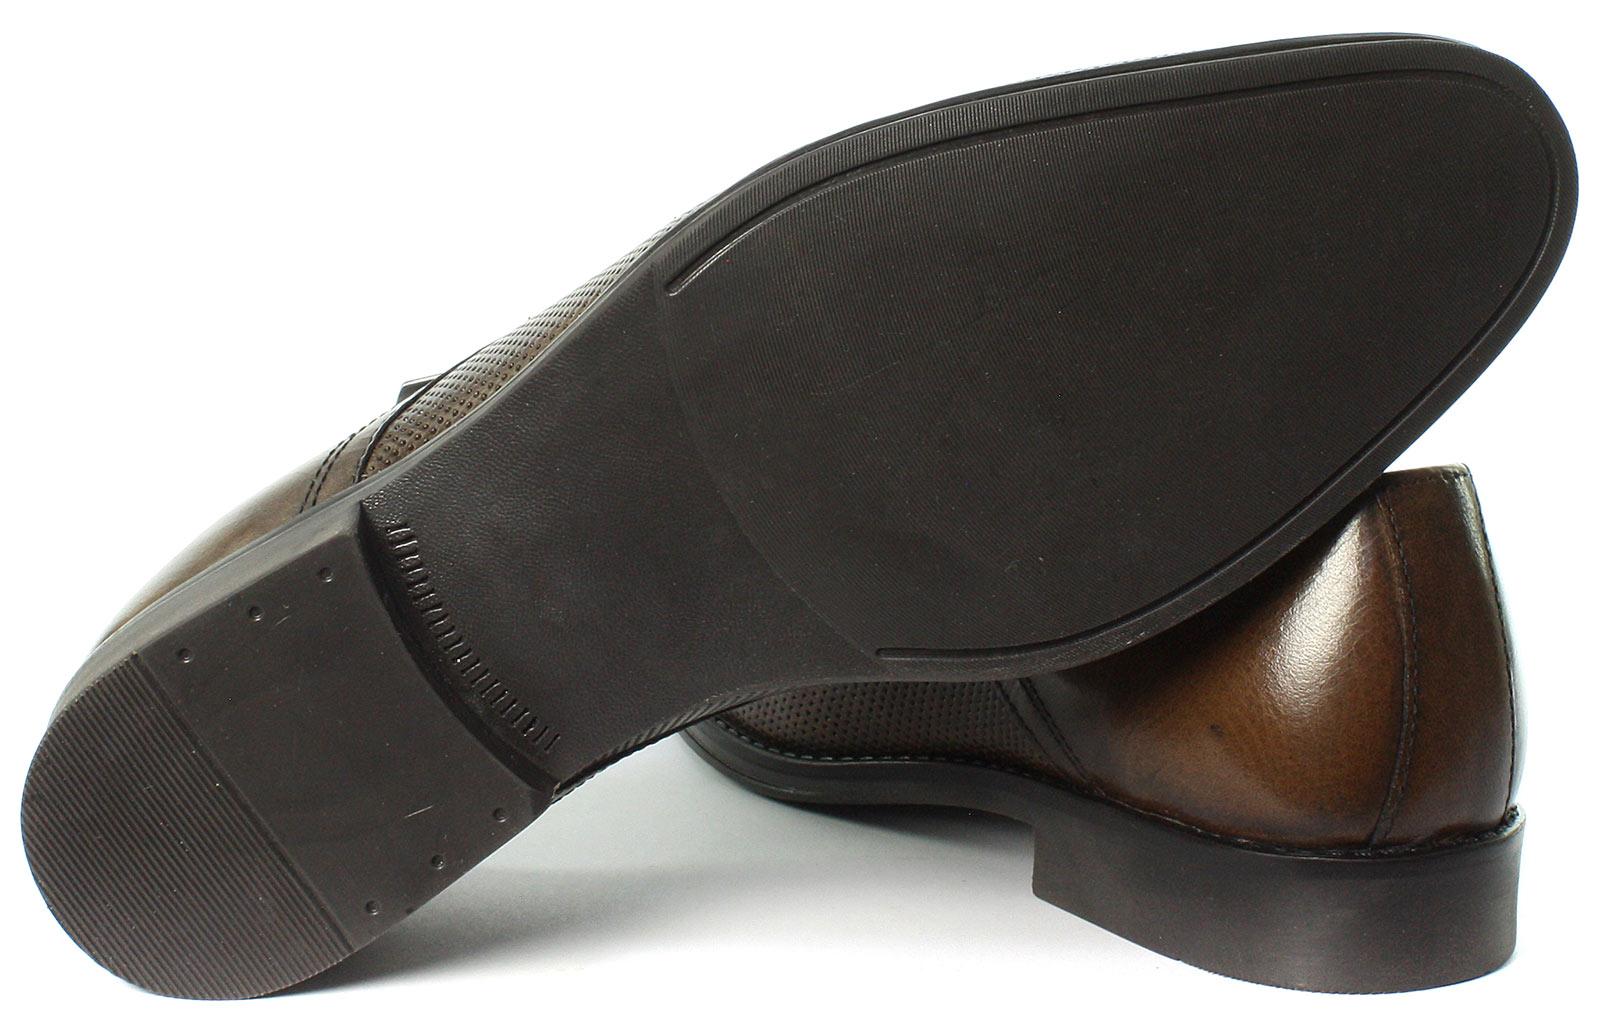 Mk057987 Toutes Lacets Nouveau Pour Nappa Hommes Chaussures Tailles Derby Brown À Ruban Rouge OnqExwTaC